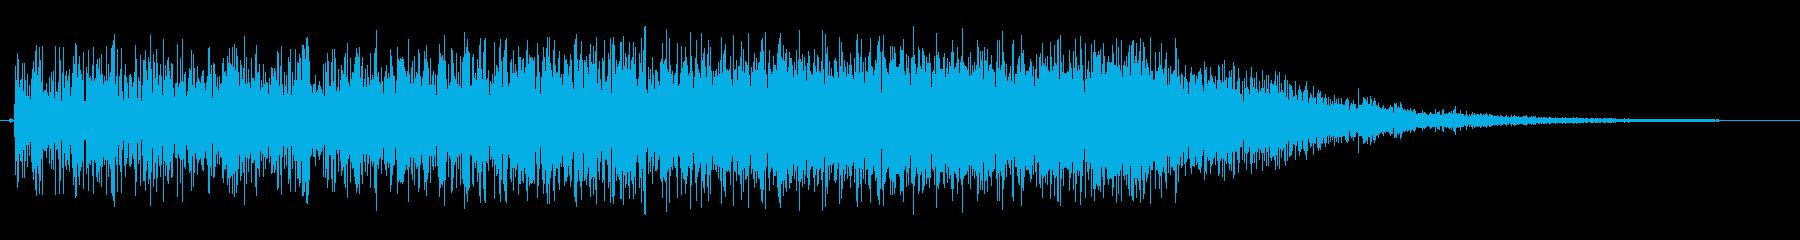 宇宙船内でのアラート音の再生済みの波形